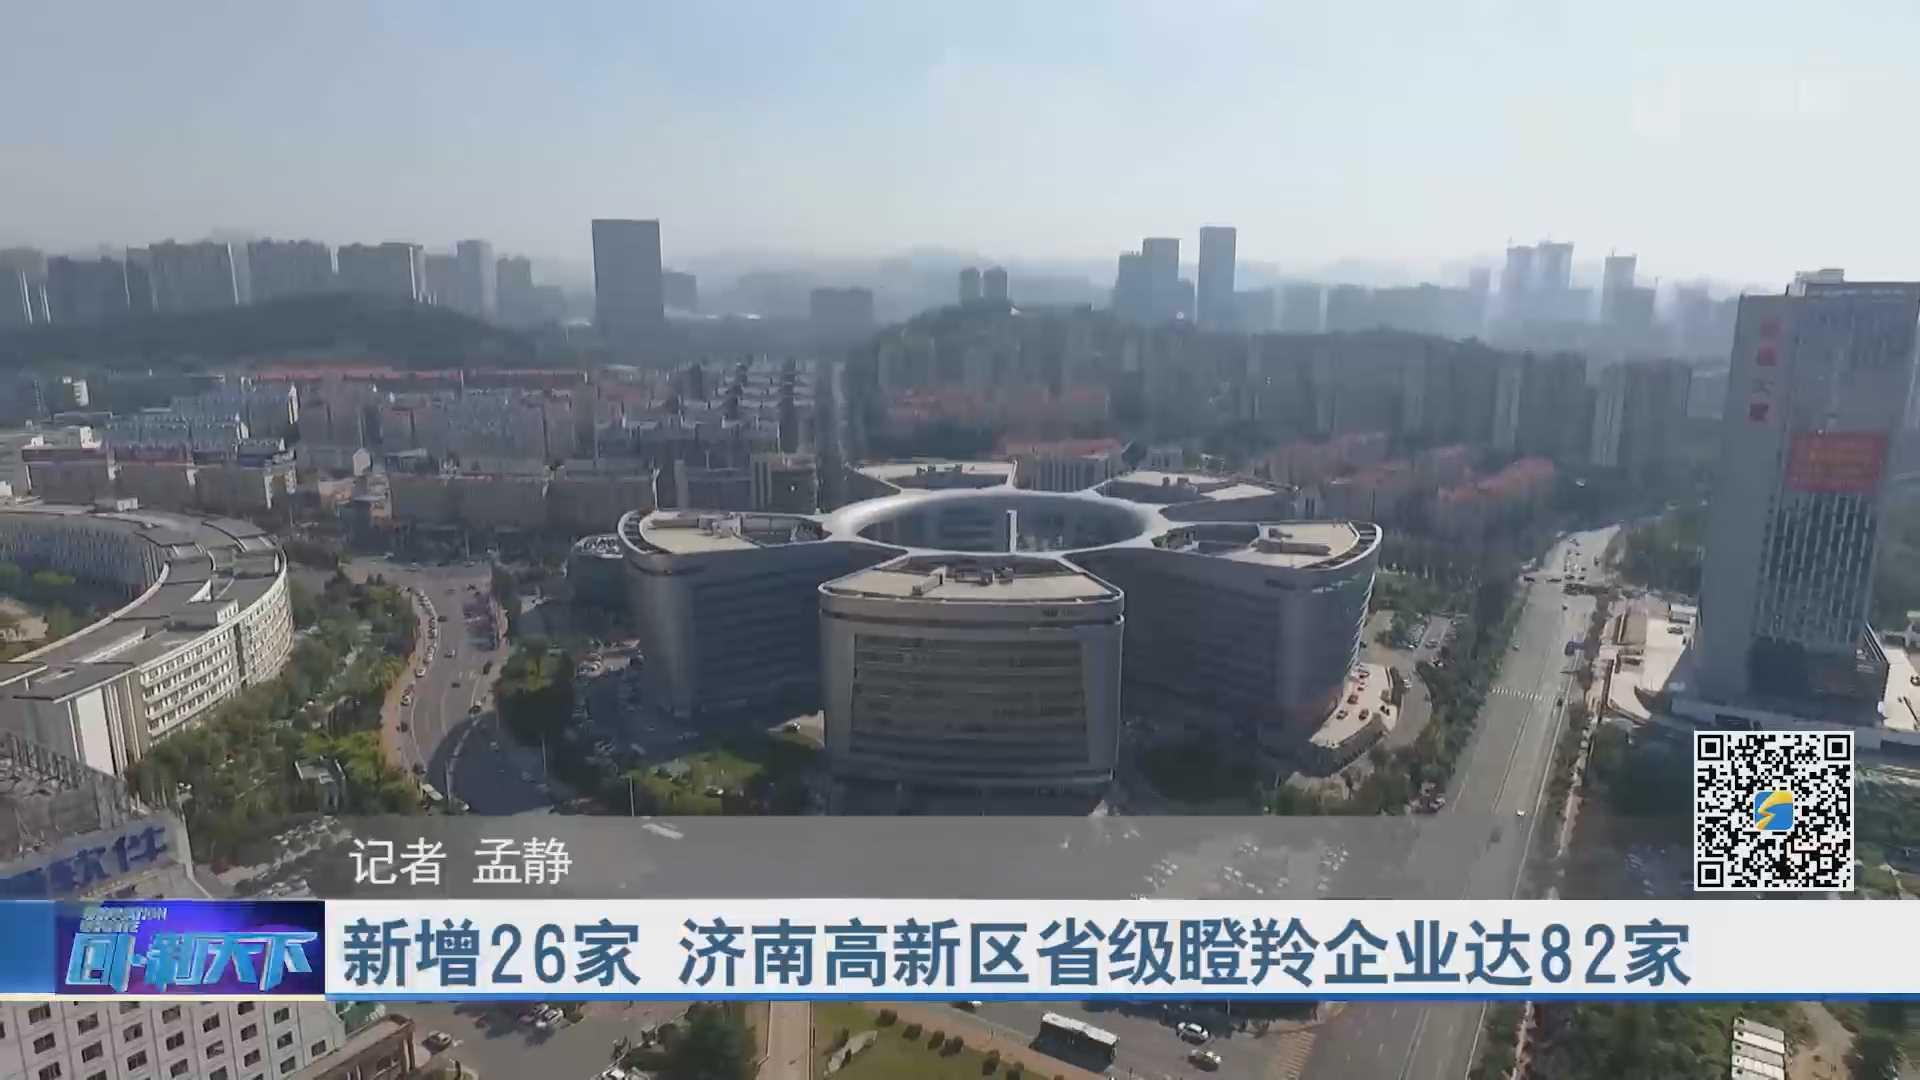 新增26家 济南高新区省级瞪羚企业达82家